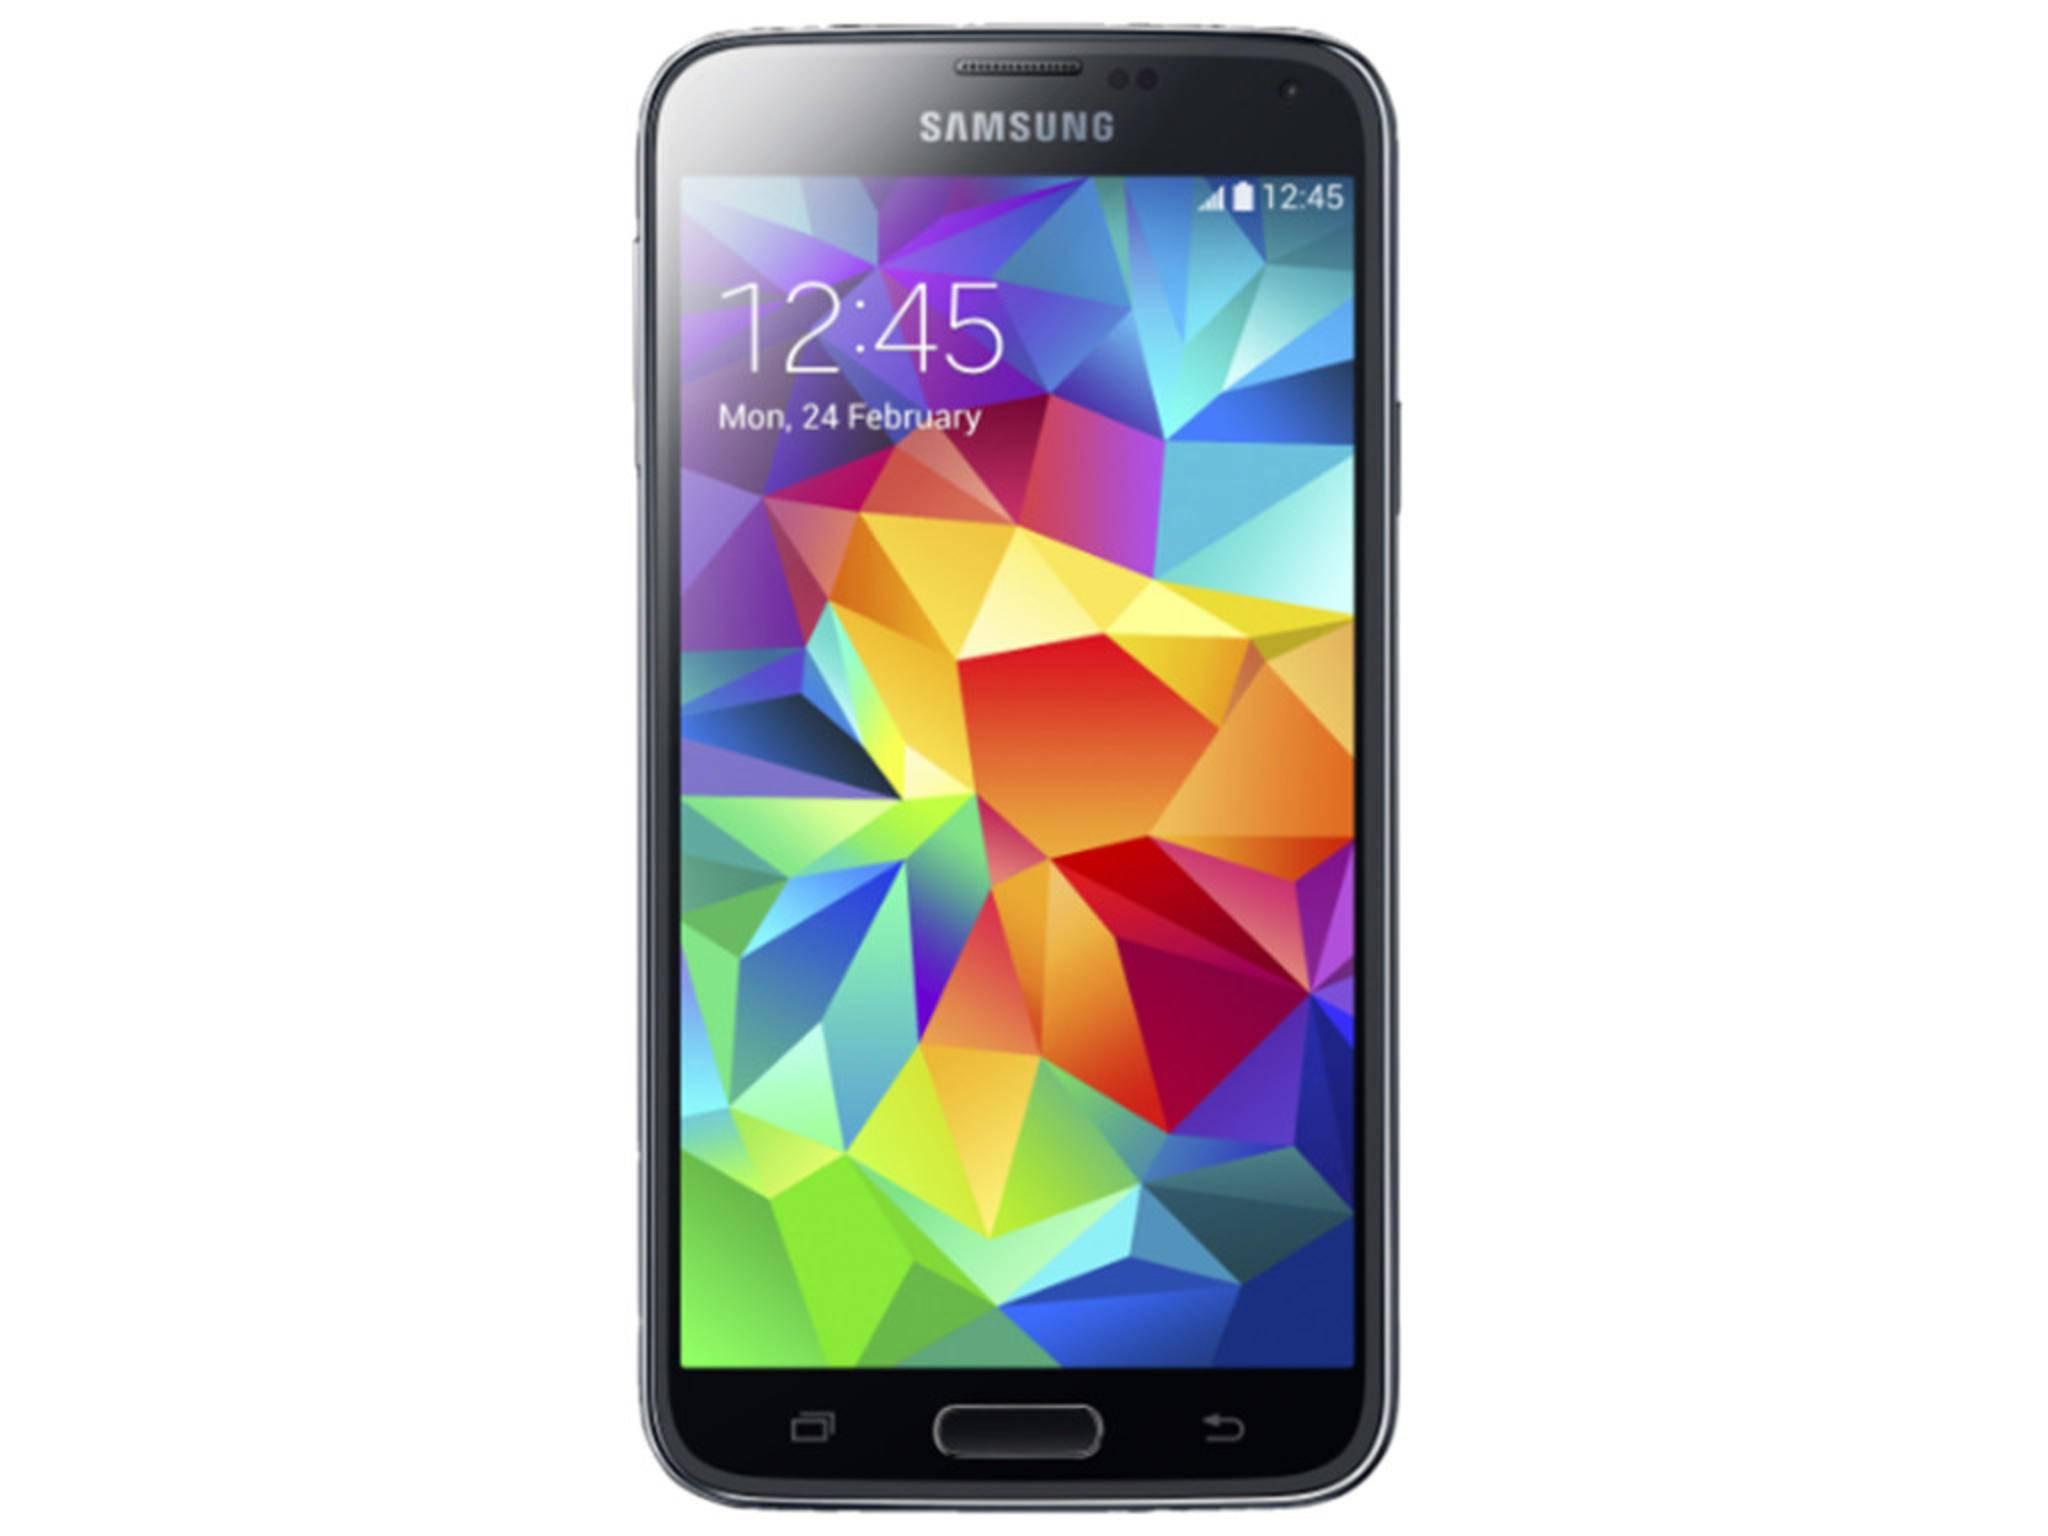 Der integrierte Pulsmesser des wasserdichten Samsung Galaxy S5 ist für Sportfreaks interessant.